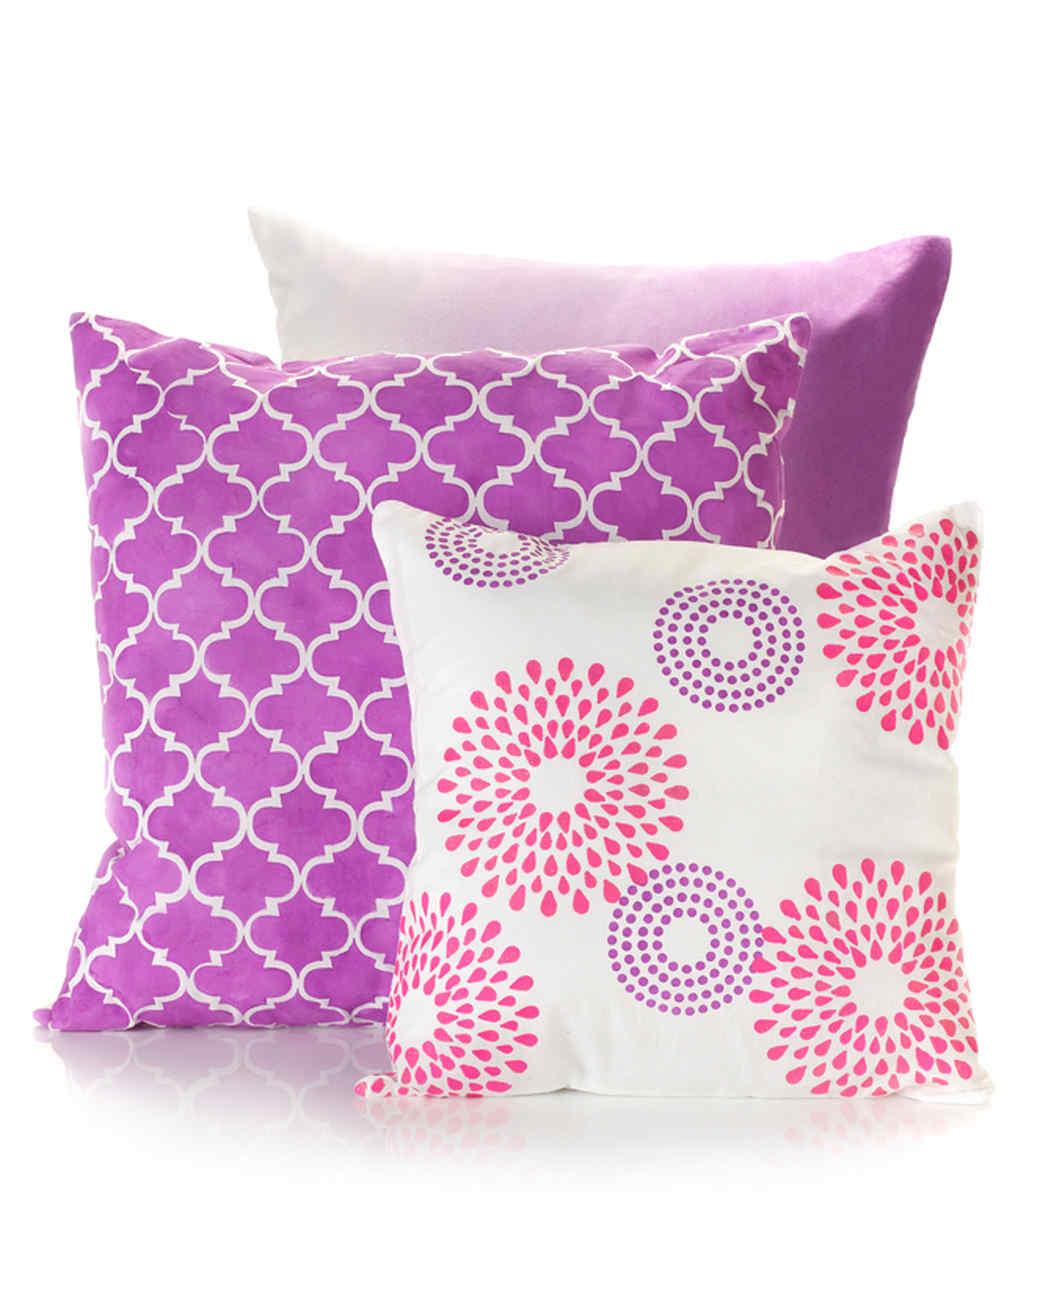 mscrafts-pantone-pillows-mrkt-0514.jpg